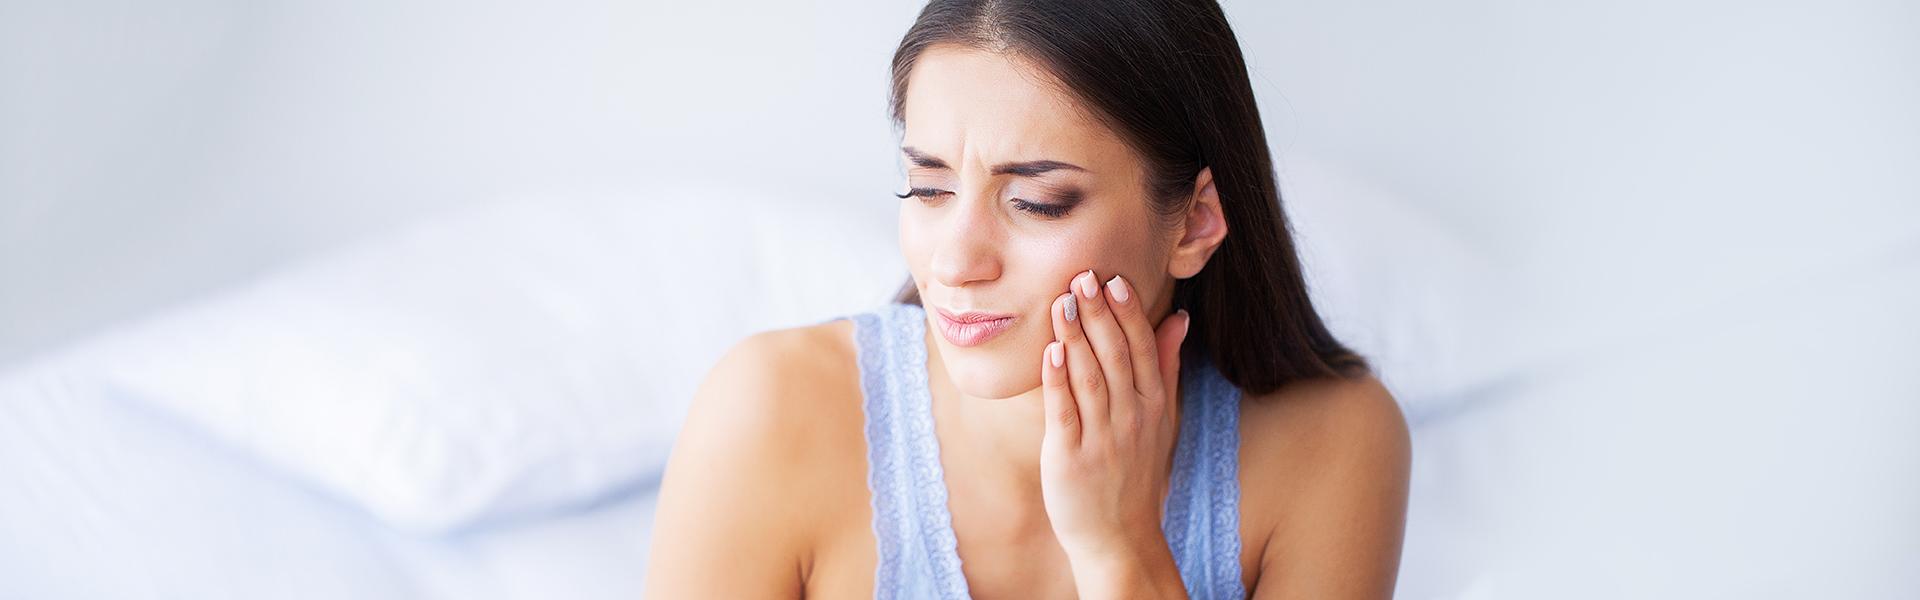 Where Do I Go For A Dental Emergency?